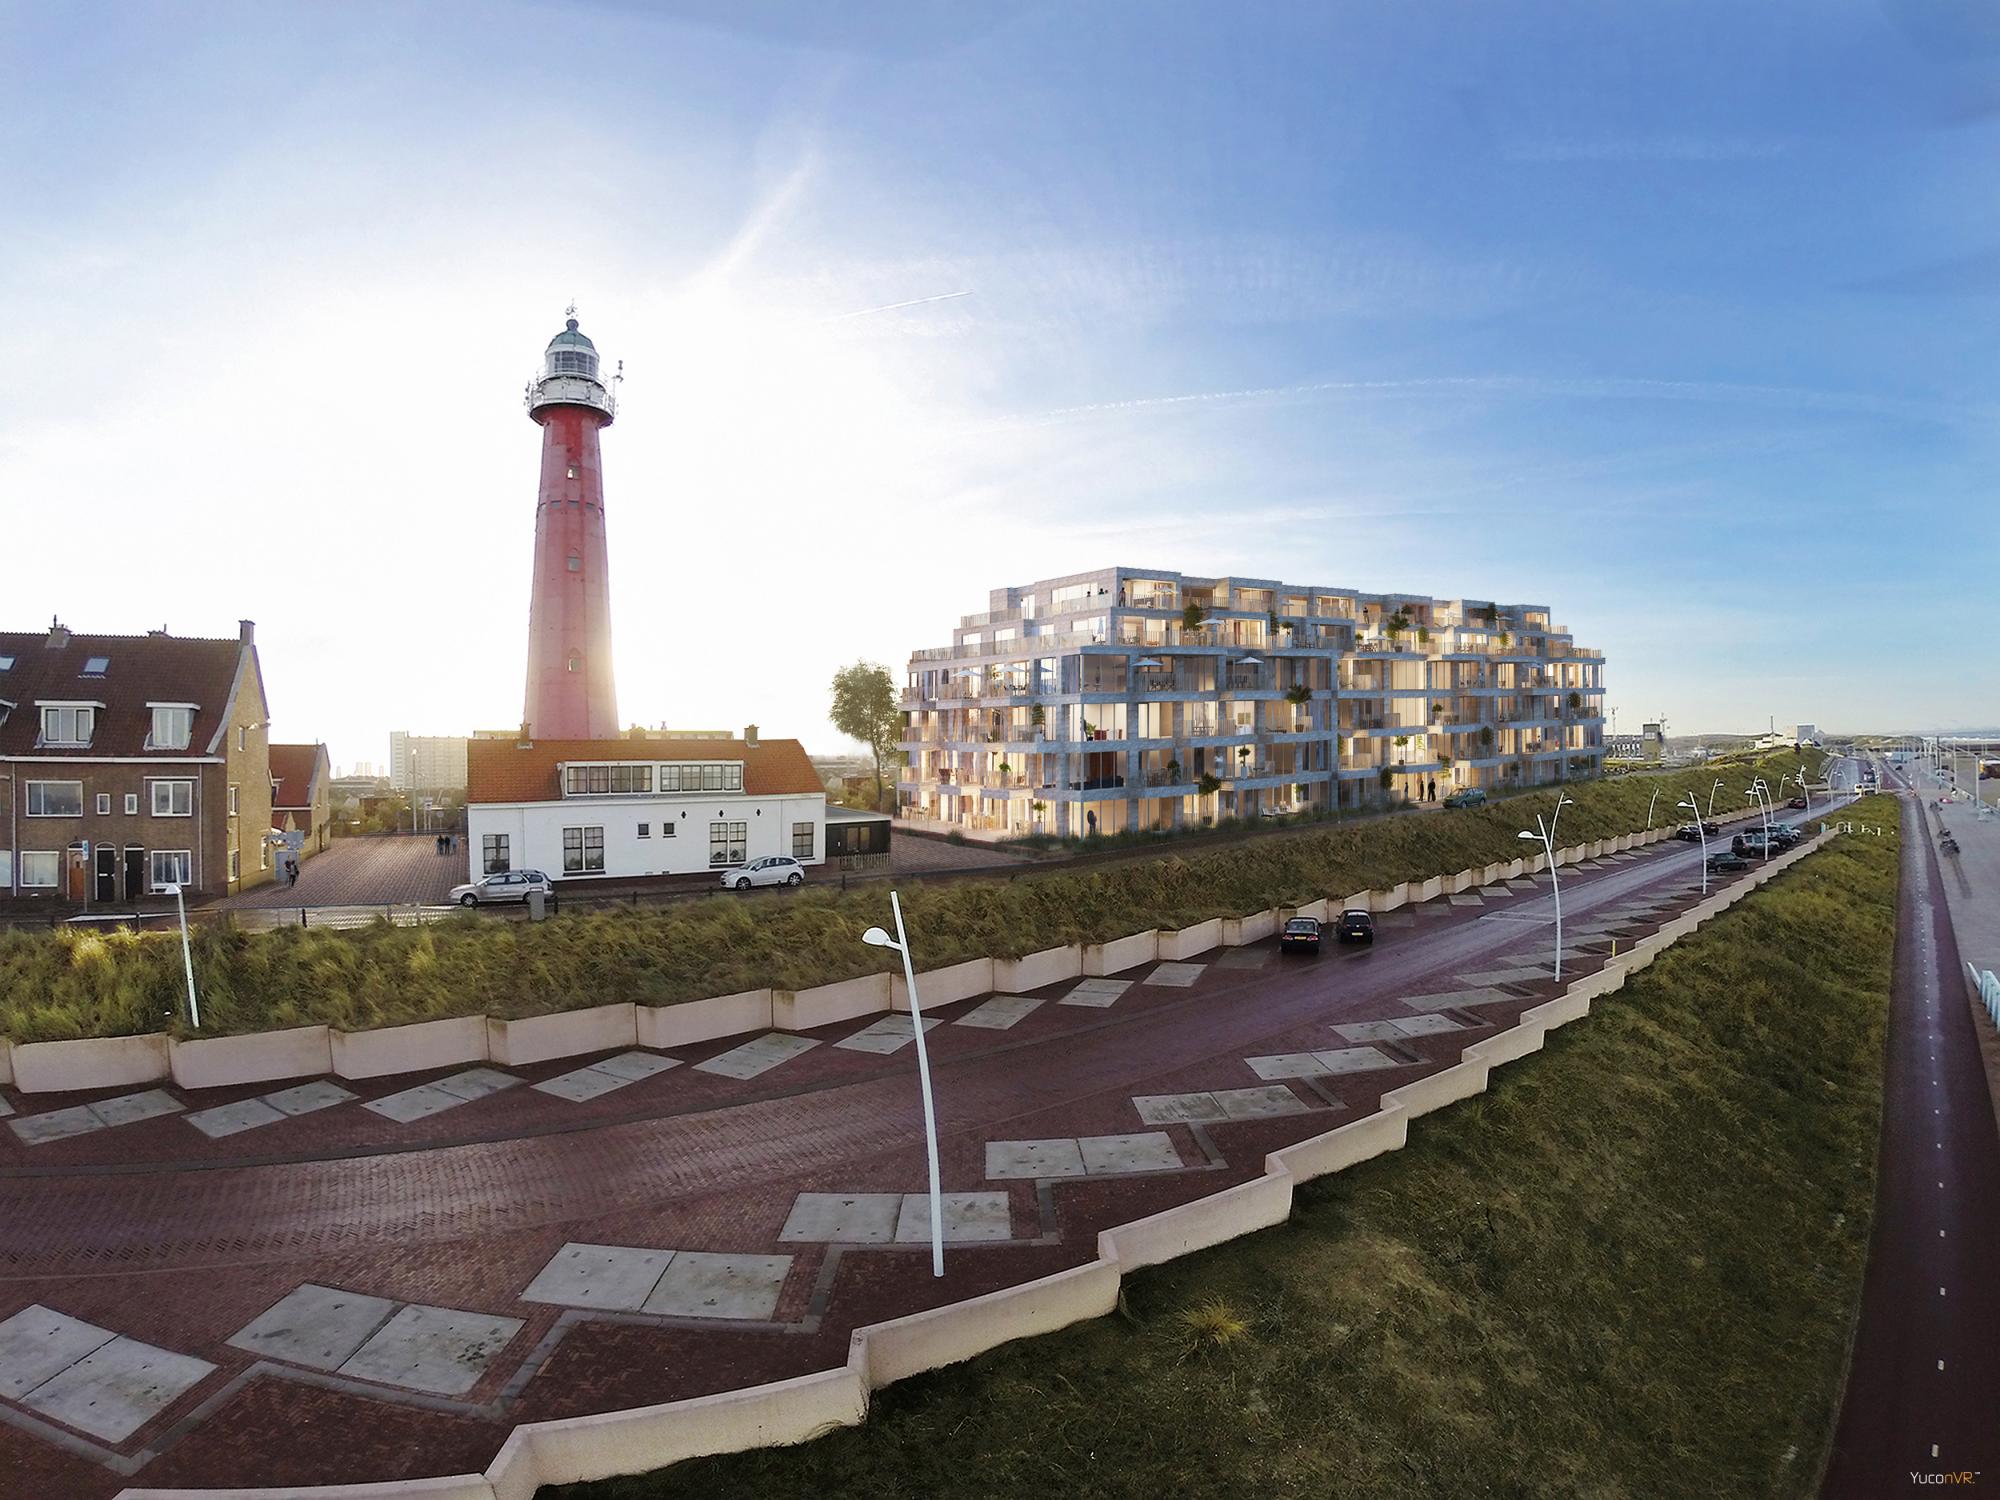 Het welstandsadvies over de nieuwbouw naast de vuurtoren - reactie van de Vrienden van Den Haag en het wijkoverleg Scheveningen Dorp